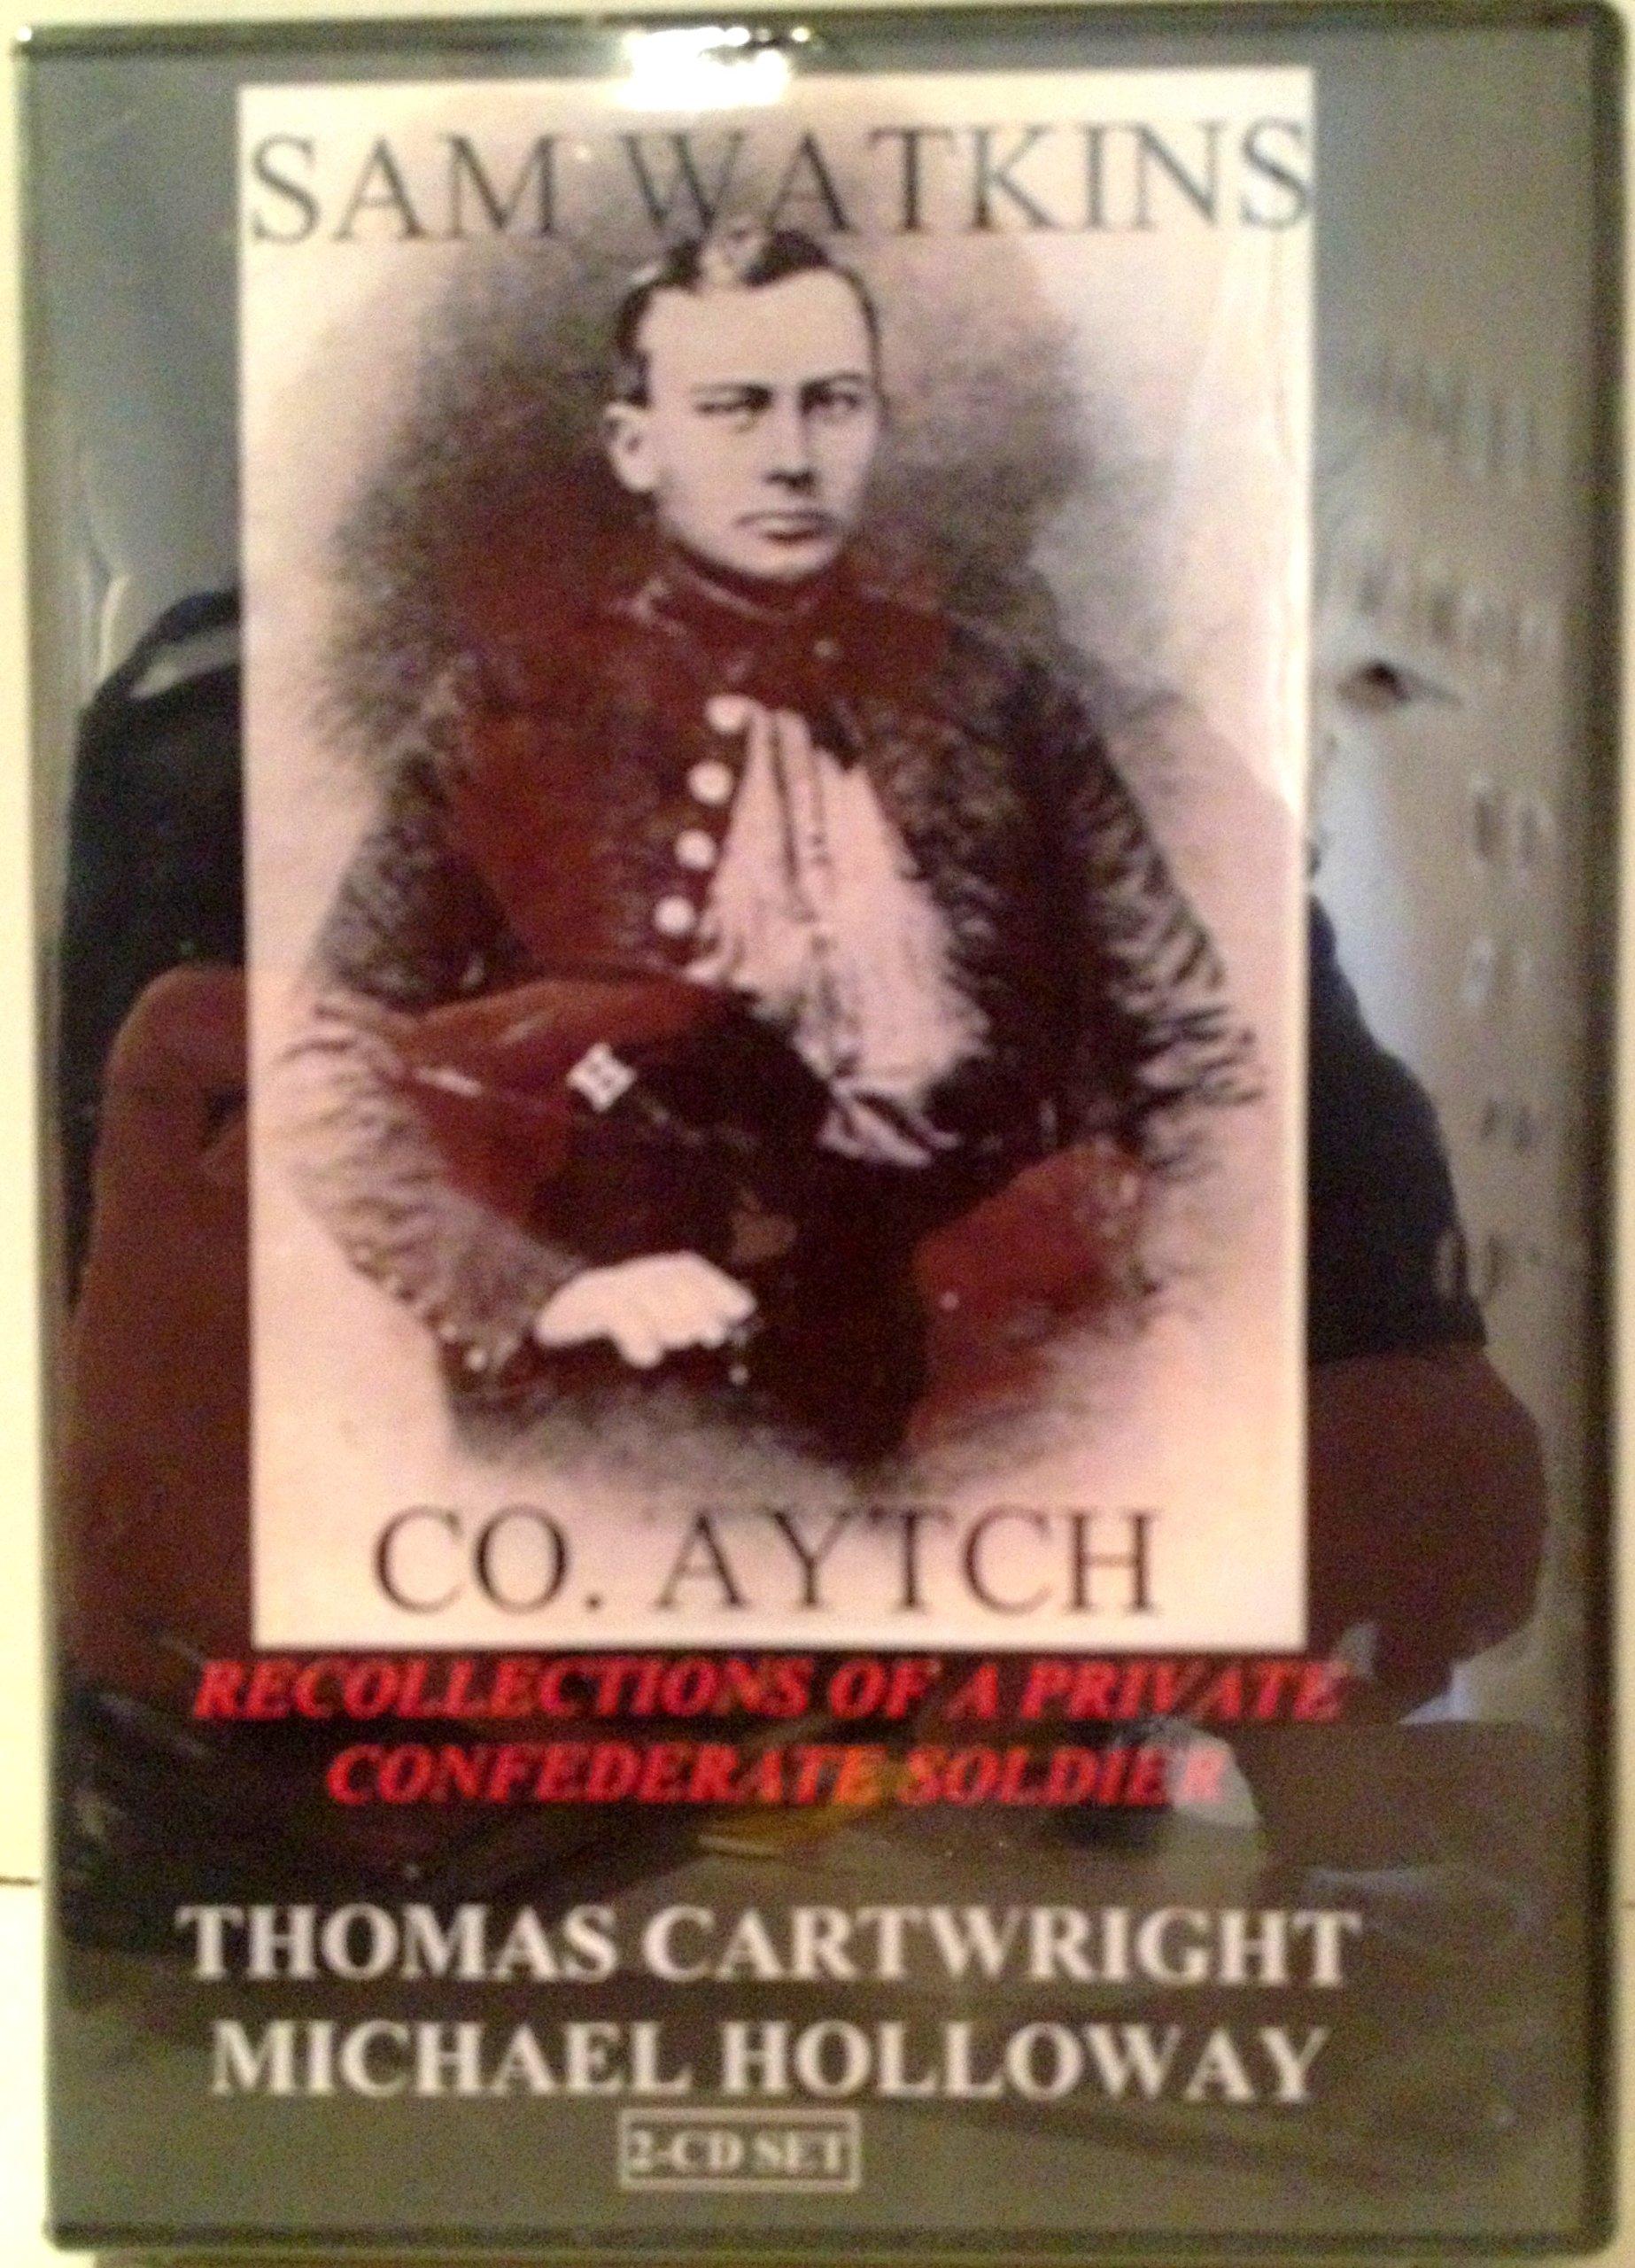 sam watkins company aytch